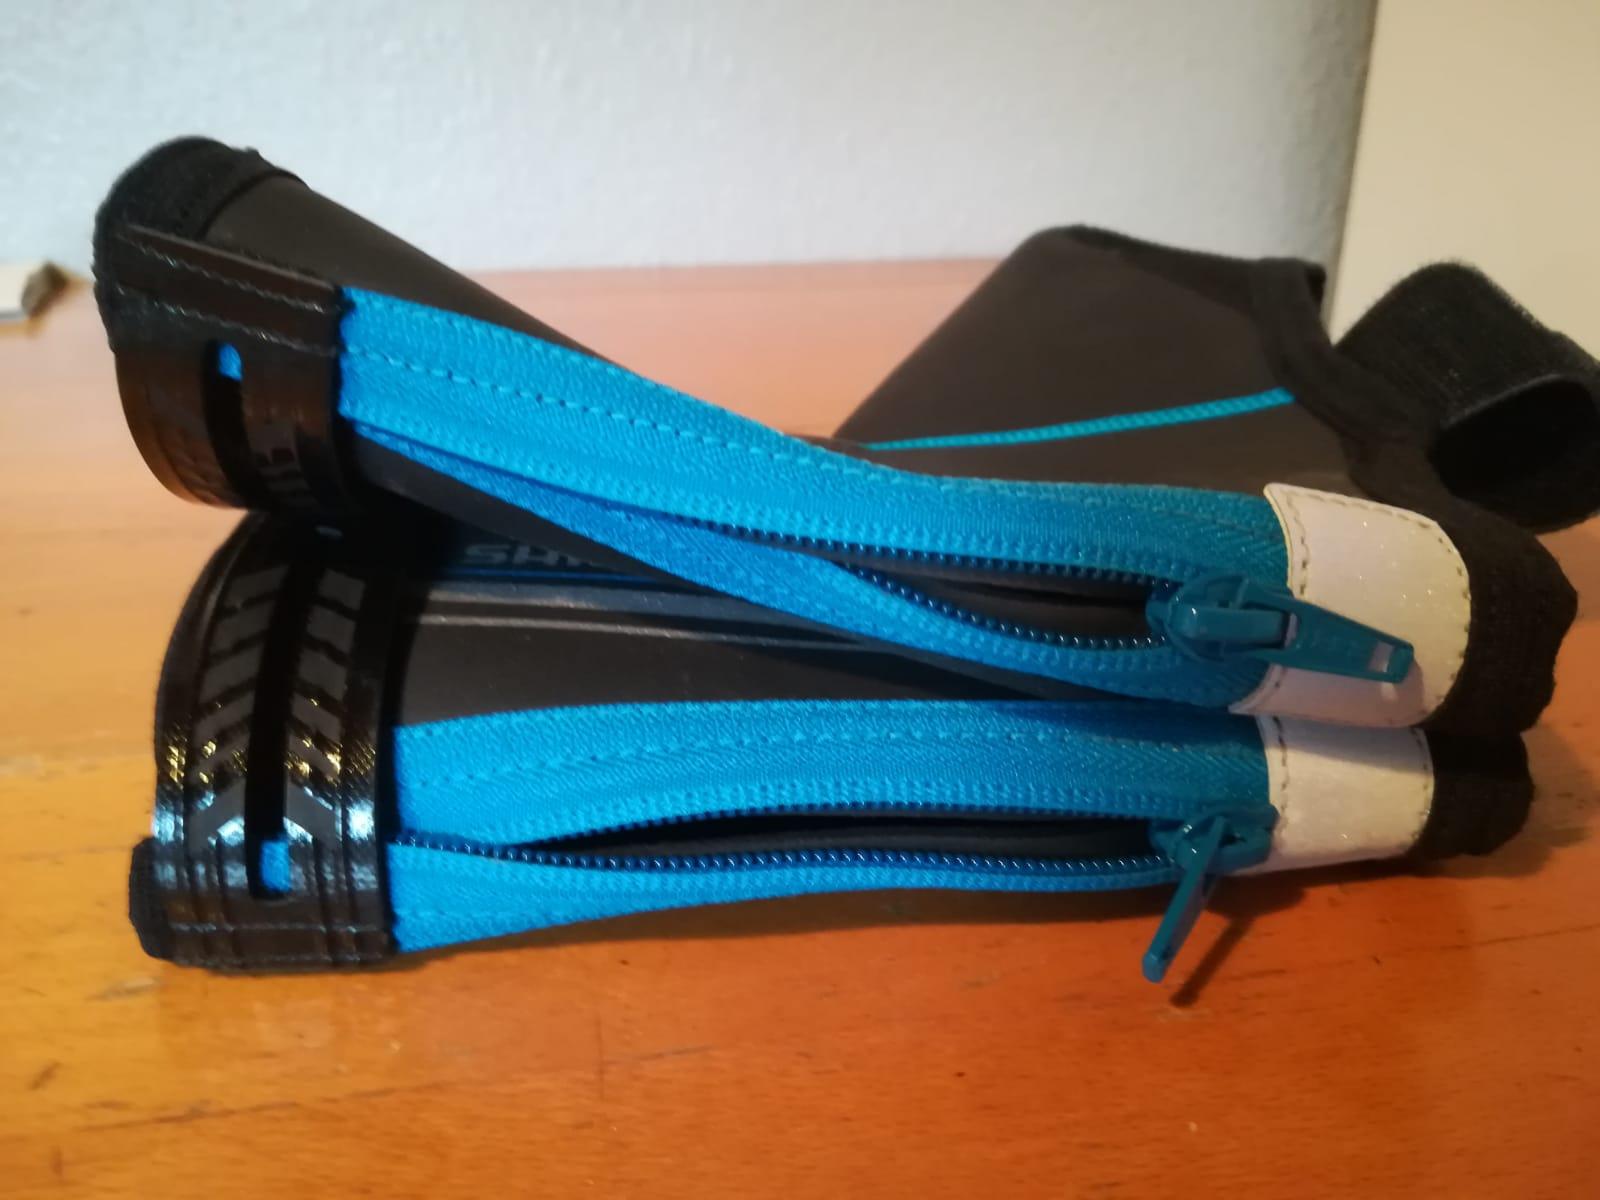 Kleid einheitliche Pyjama an durchsichtiges Kleid kleiderordnung ZL-nssy Spitzen Chiffon